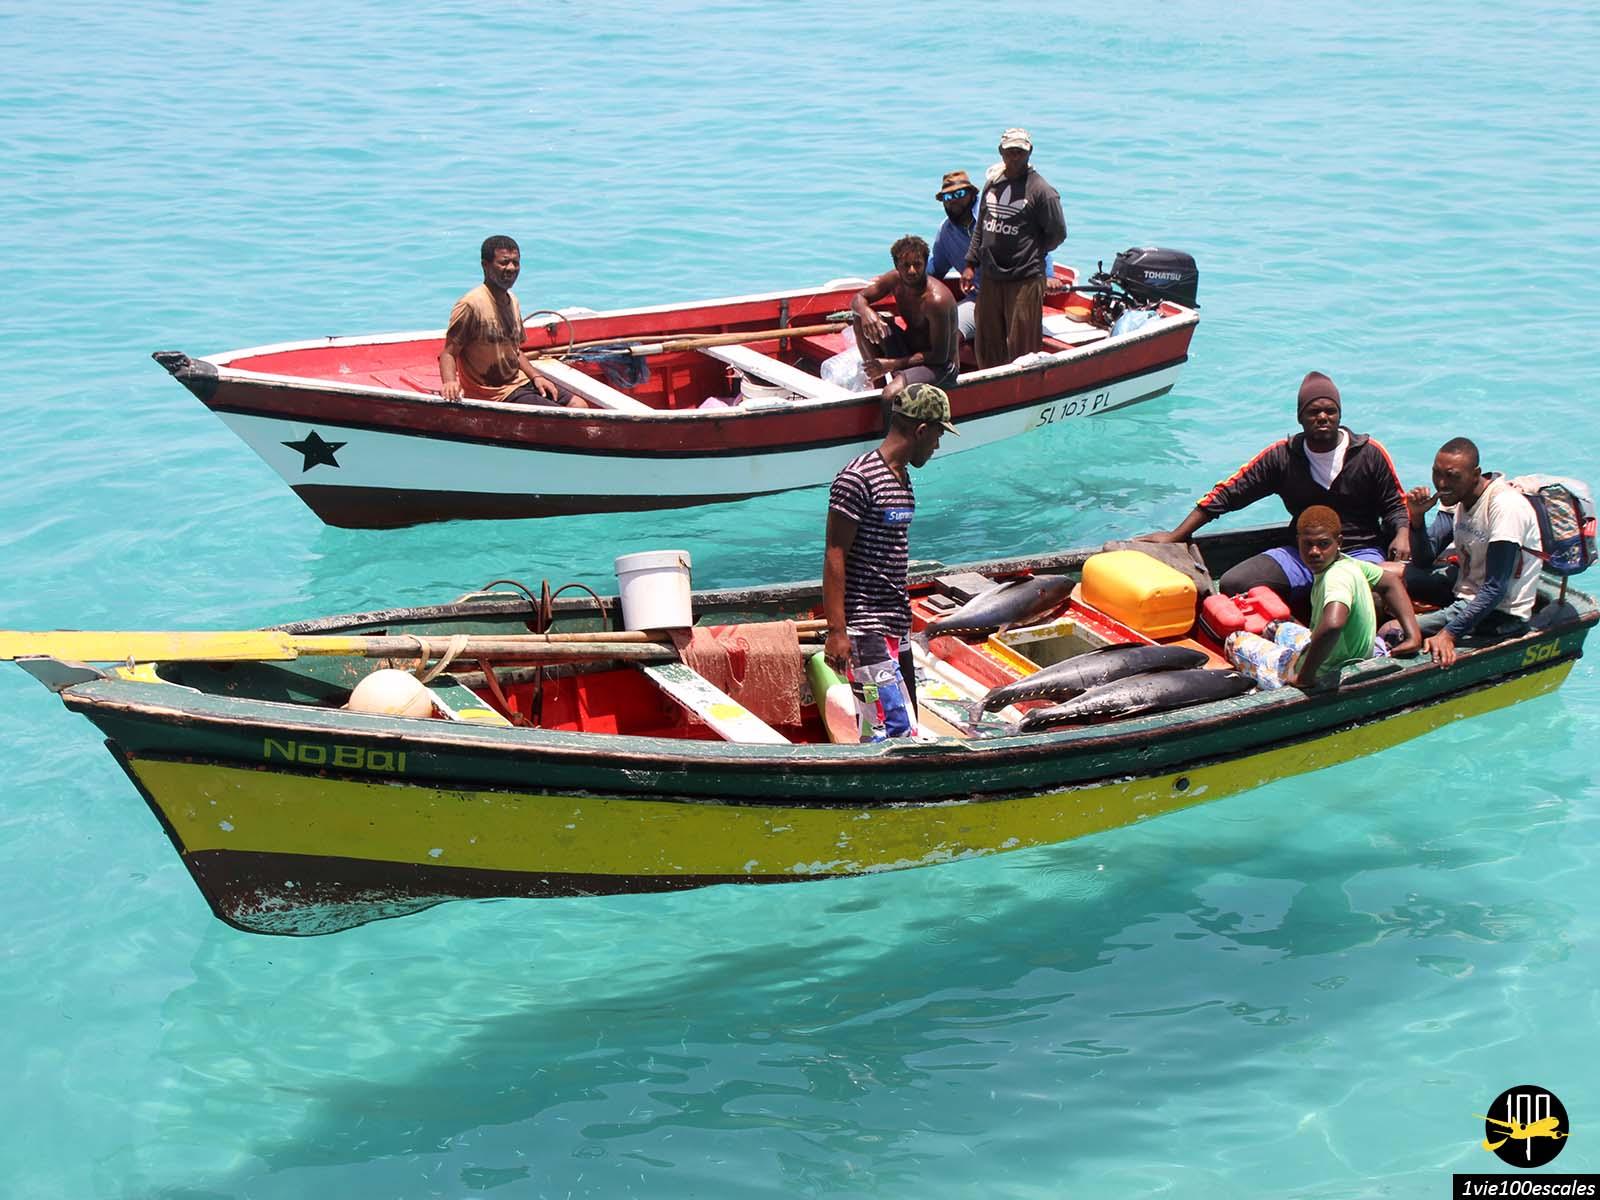 L'arrivée des pêcheurs en milieu de journée à Santa Maria sur l'île de Sal